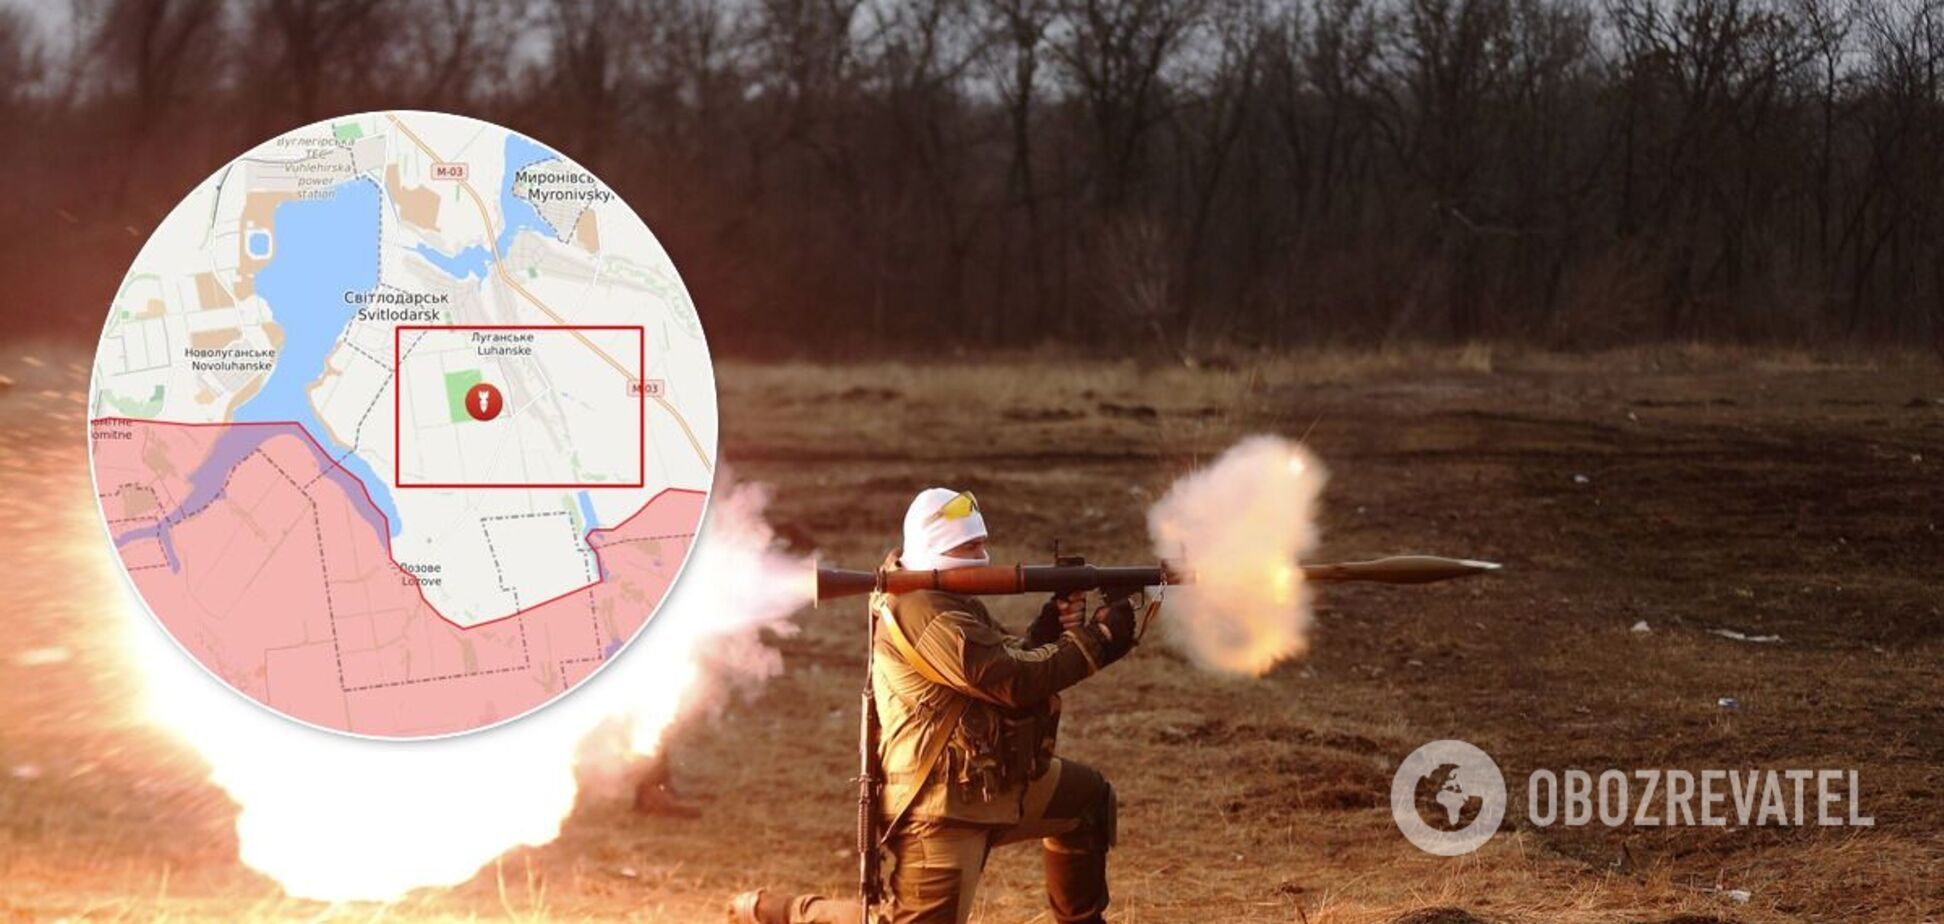 Терористи відкрили вогонь з РПГ в бік ЗСУ